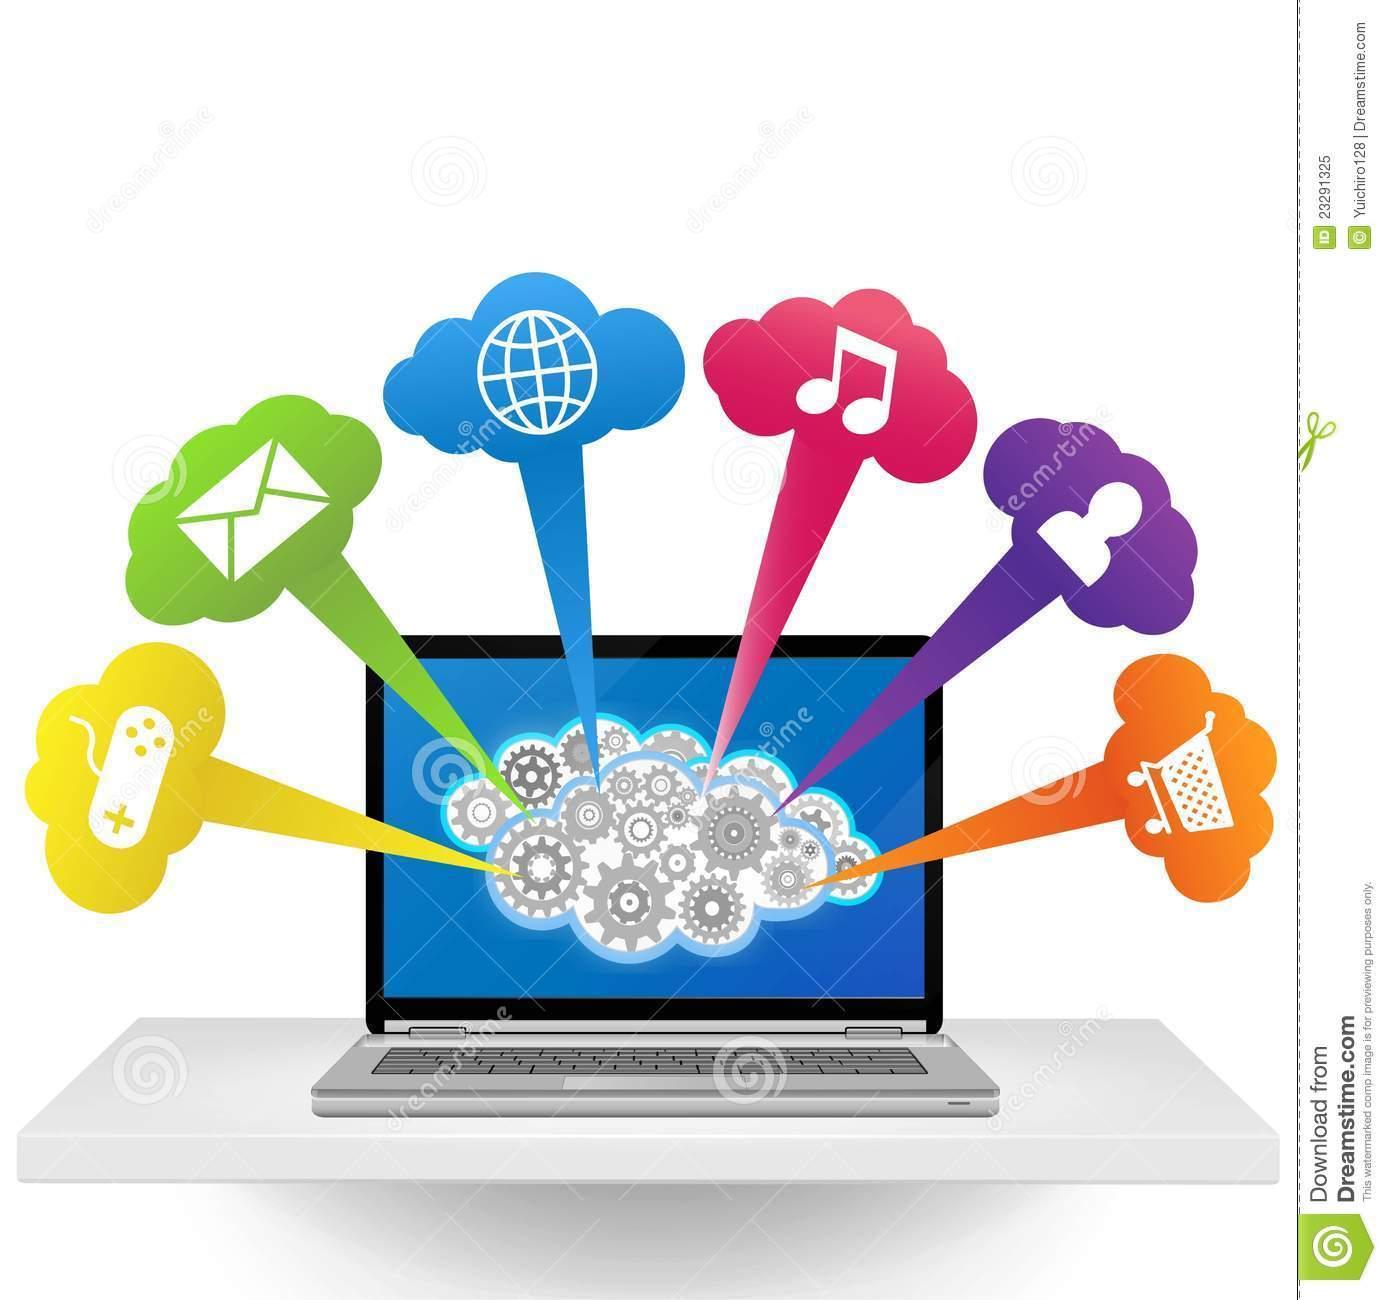 Computer application clipart 1 » Clipart Portal.